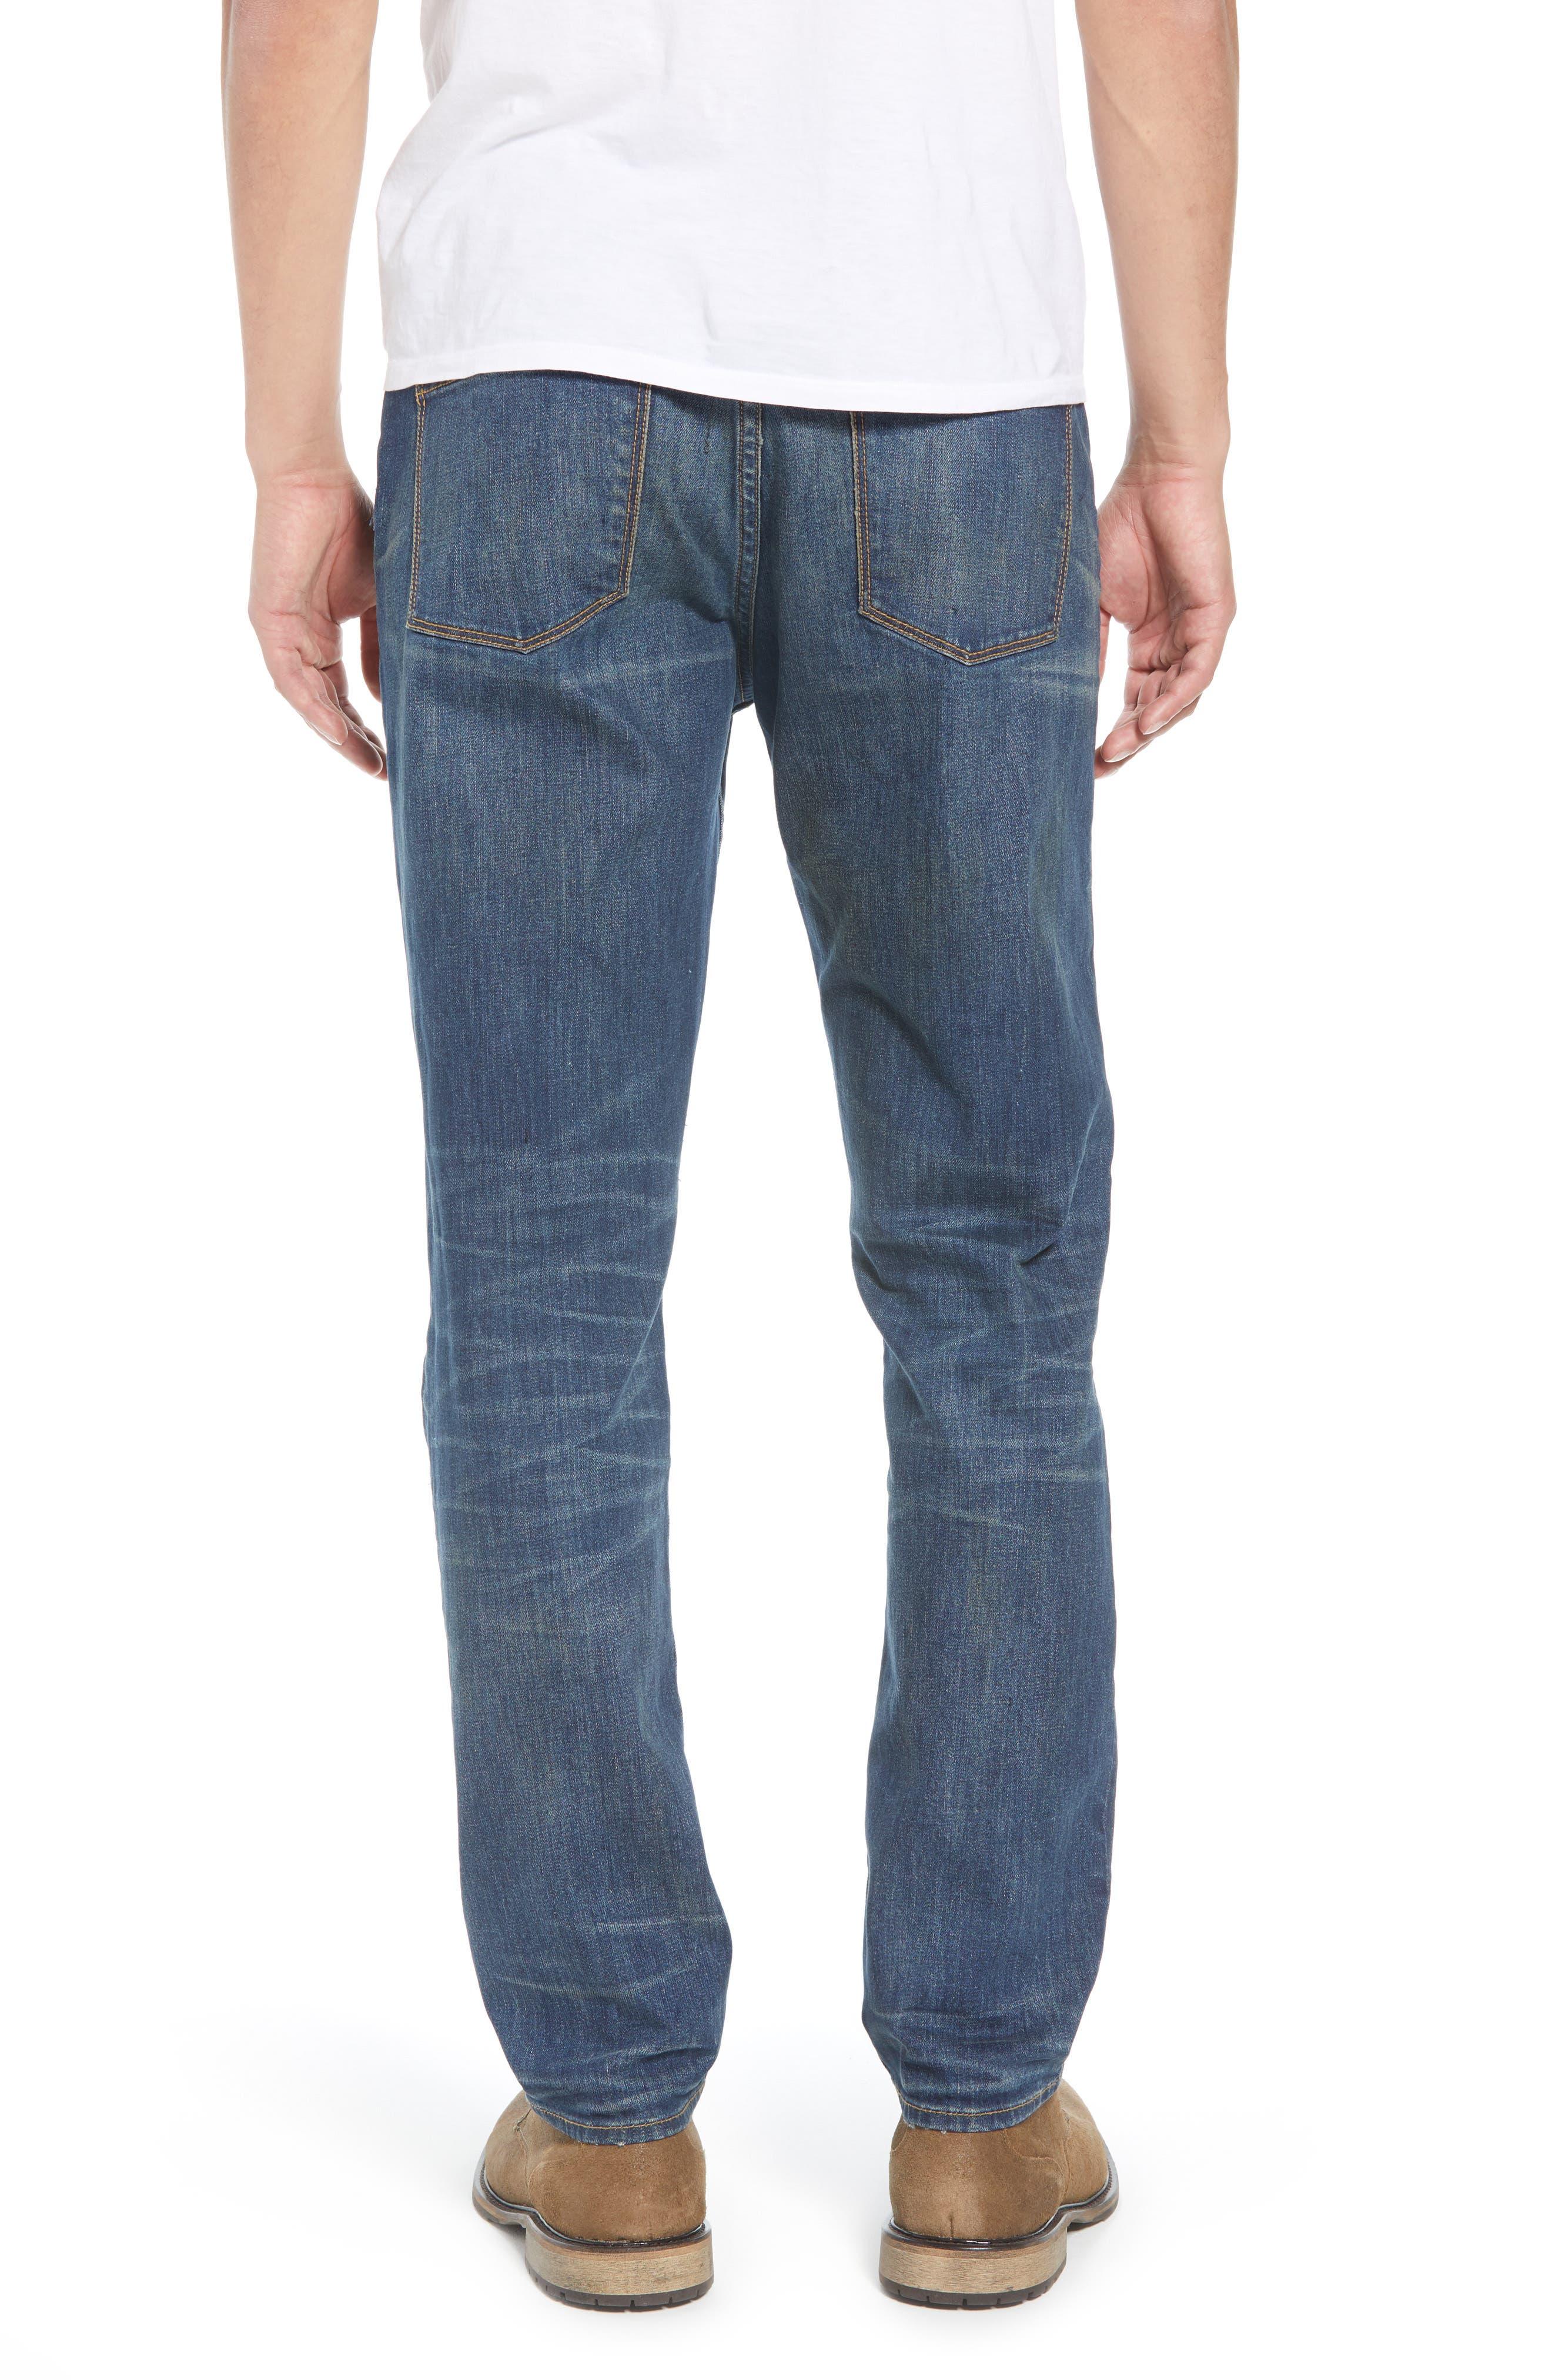 TREASURE & BOND,                             Slim Fit Jeans,                             Alternate thumbnail 2, color,                             BLUE MED VINTAGE WASH